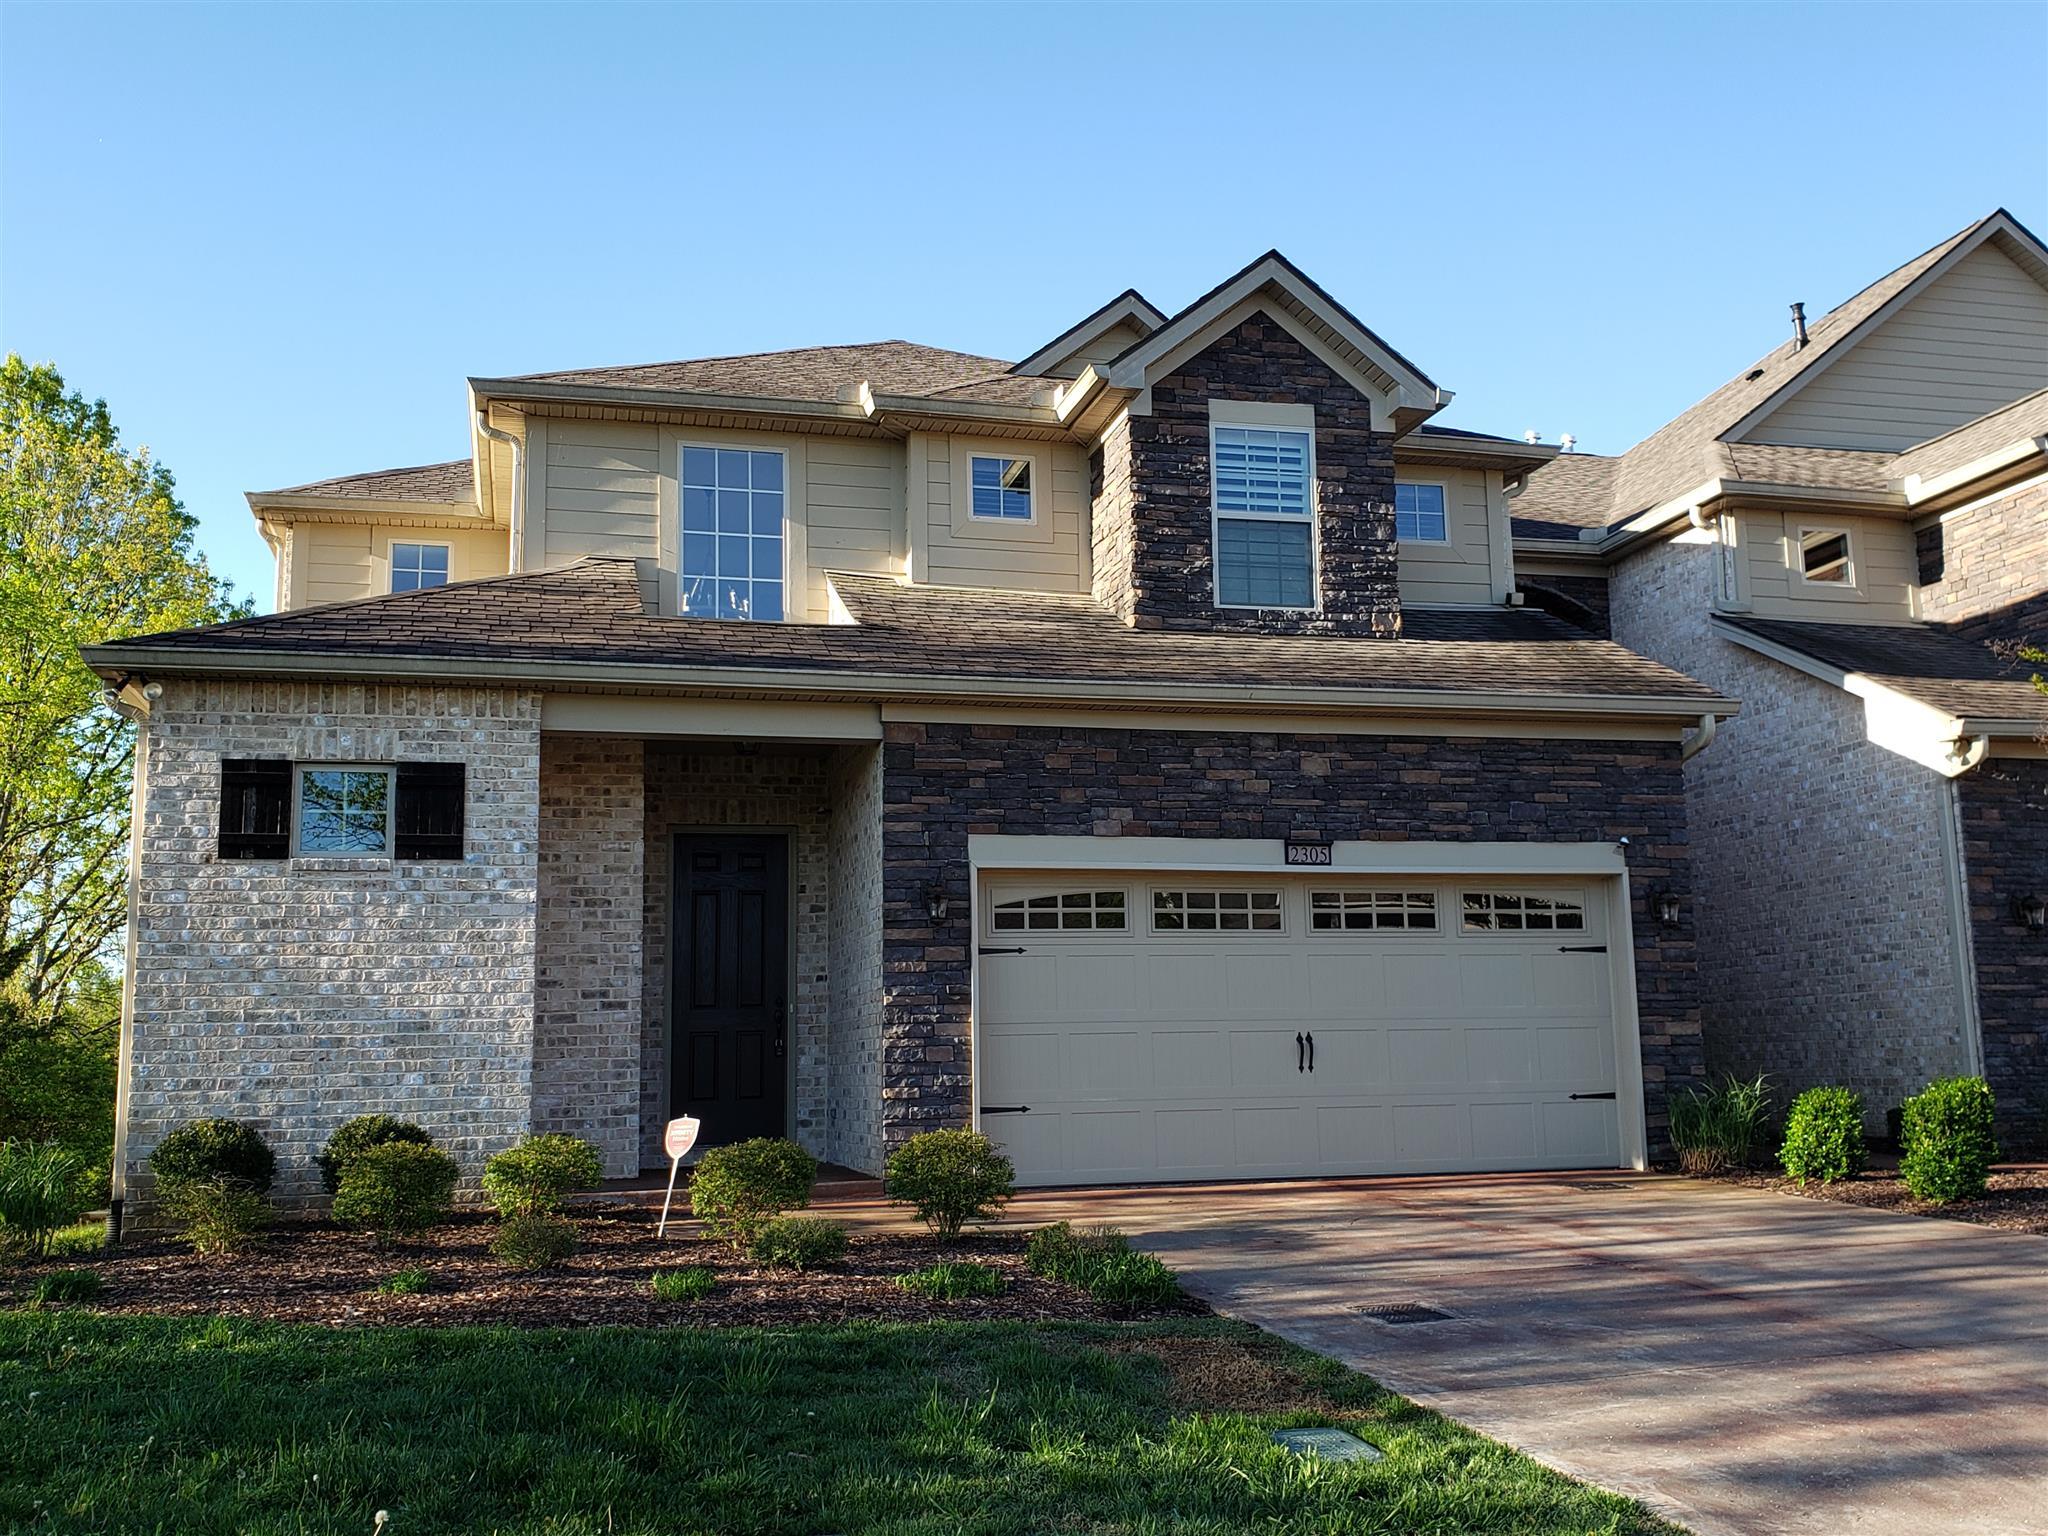 2305 River Terrace Dr, Murfreesboro, TN 37129 - Murfreesboro, TN real estate listing